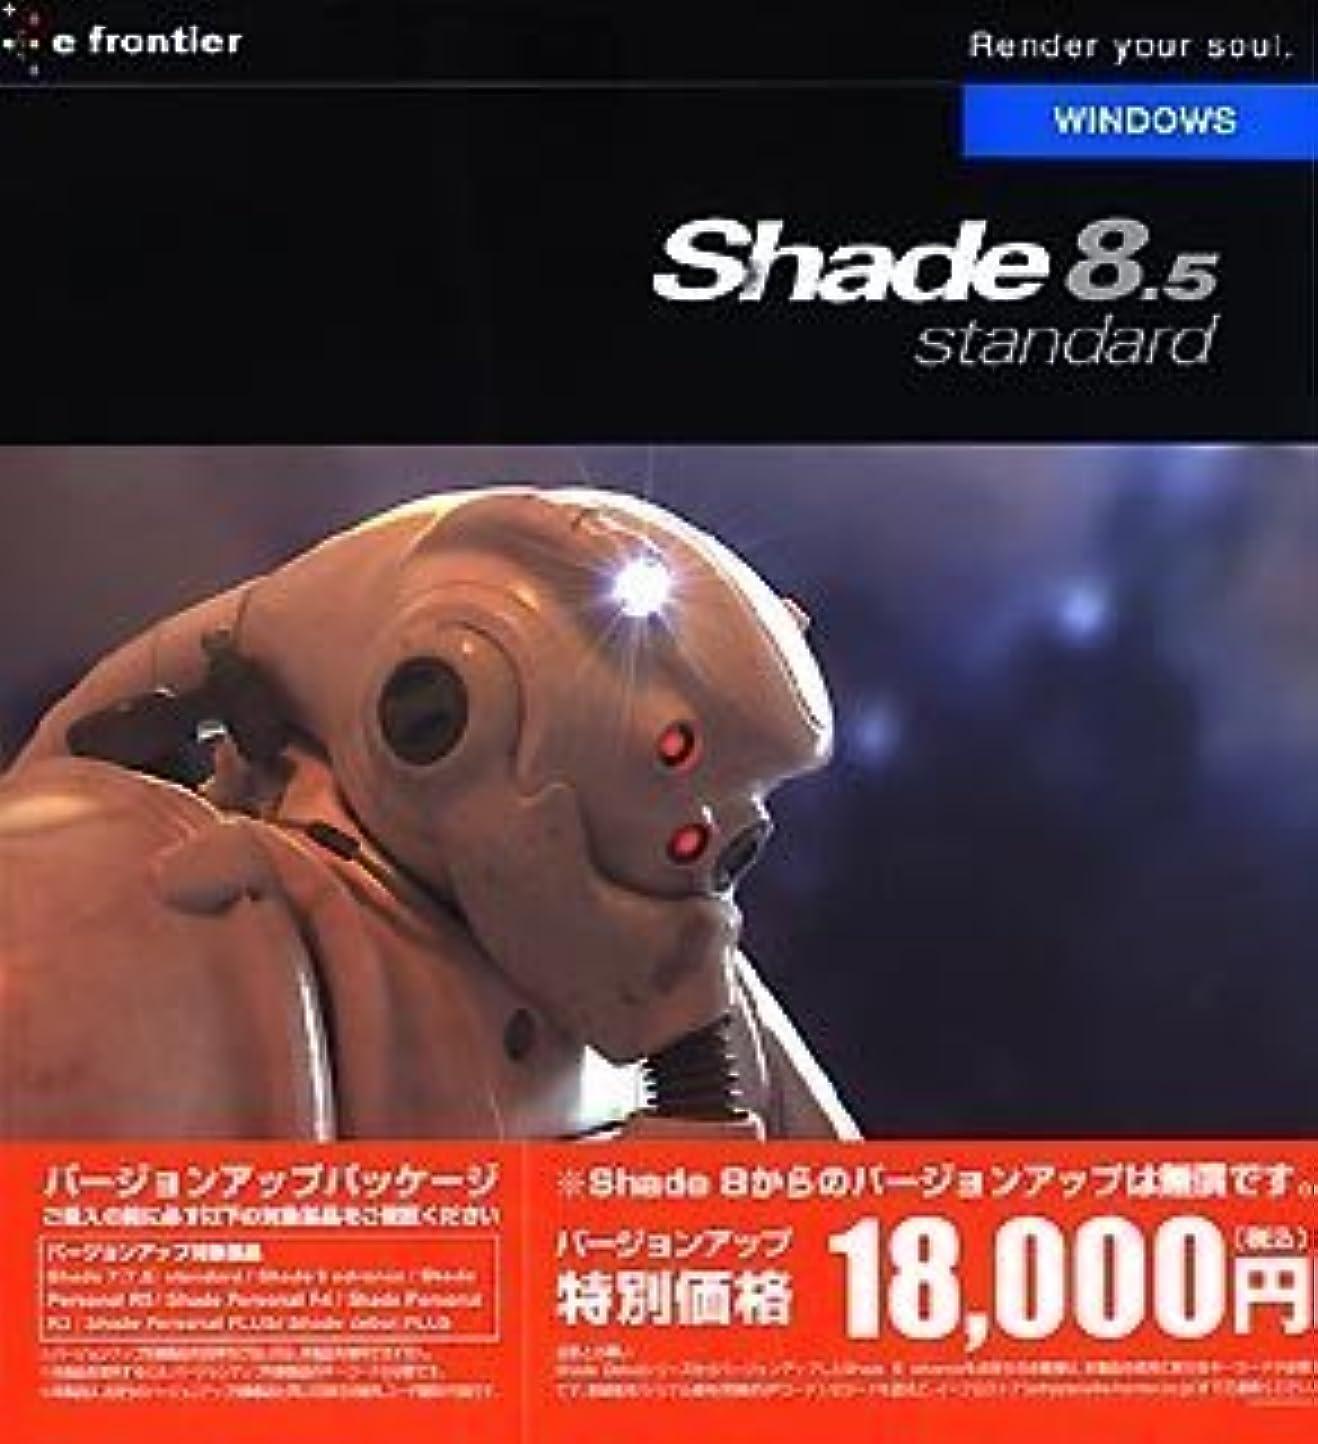 グローダイアクリティカル保守可能Shade 8.5 standard for Windows バージョンアップ版